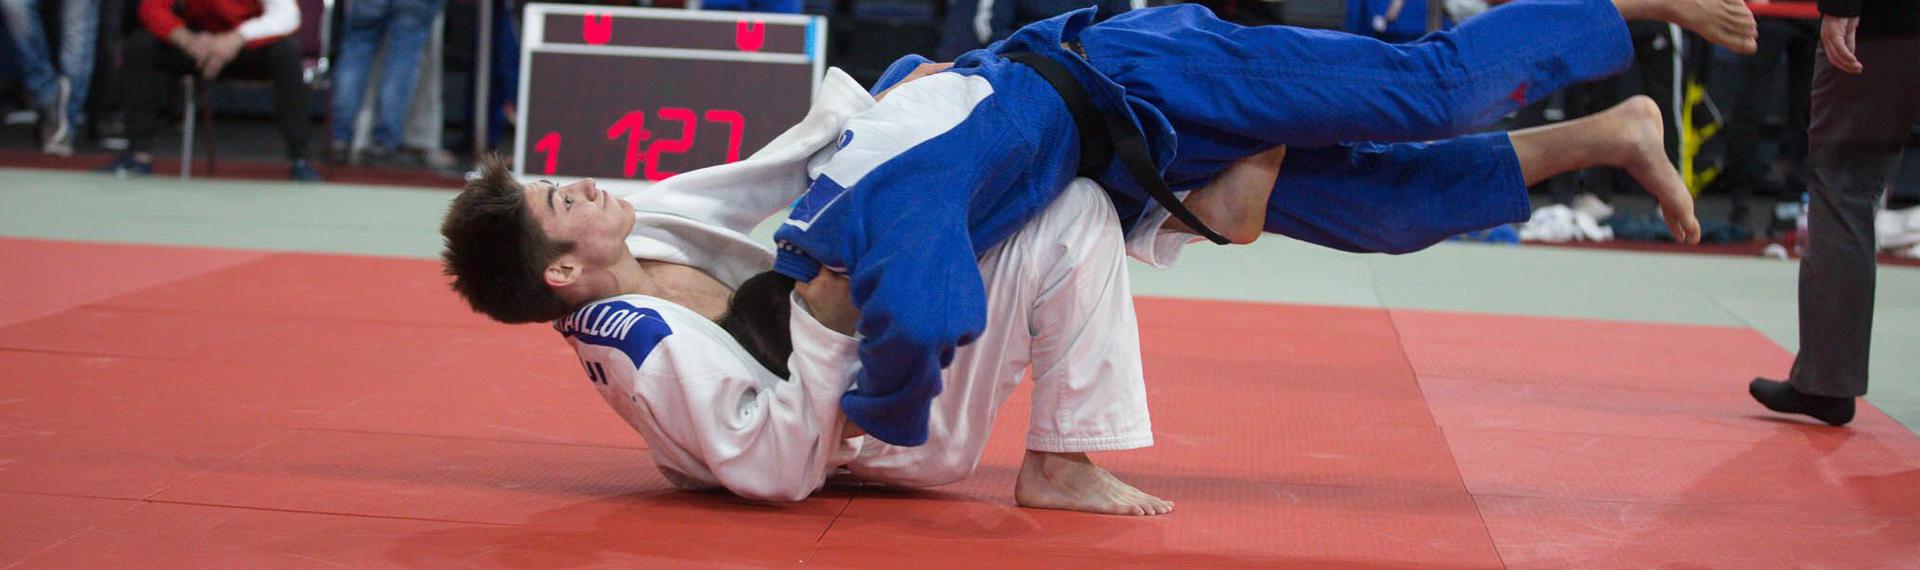 Alexis Bataillon, judo : private bank Bonhôte